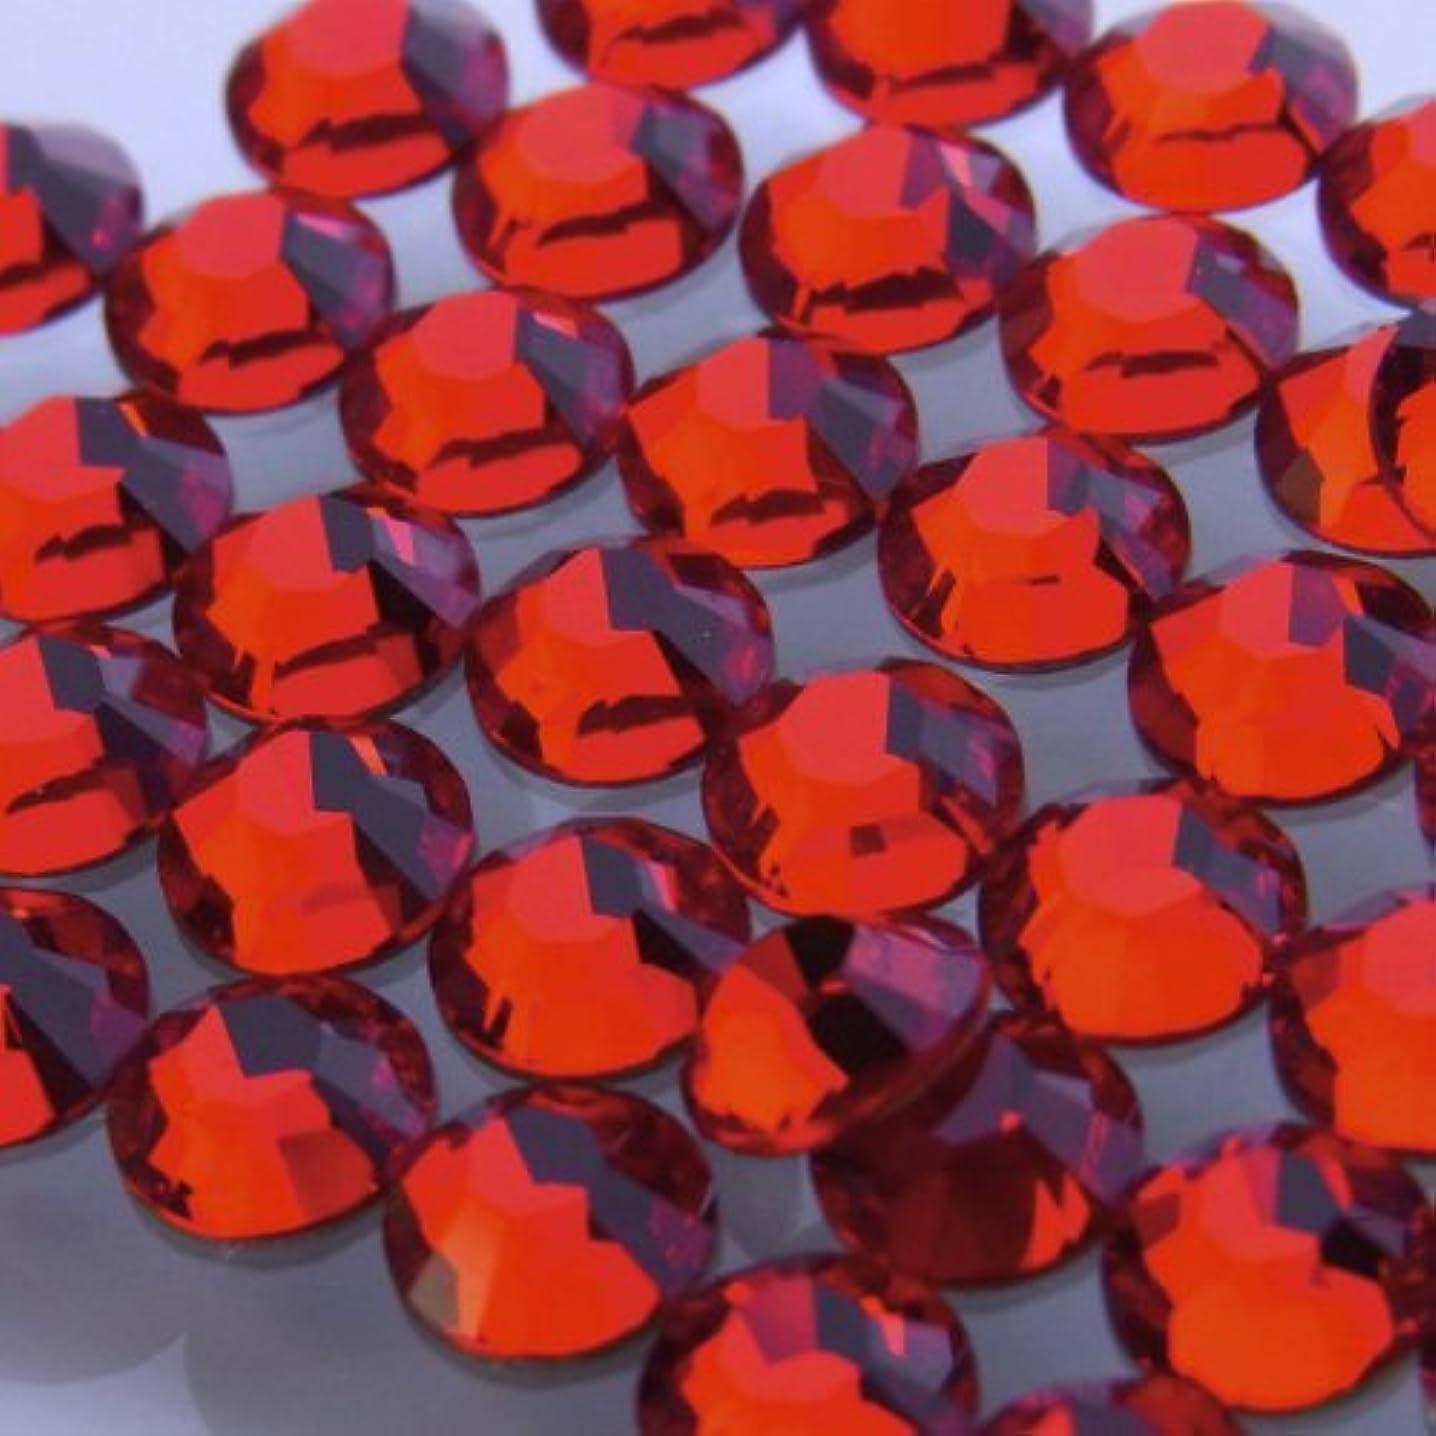 プールバクテリアペチュランス2058ライトシャムss5(100粒入り)スワロフスキーラインストーン(nohotfix)